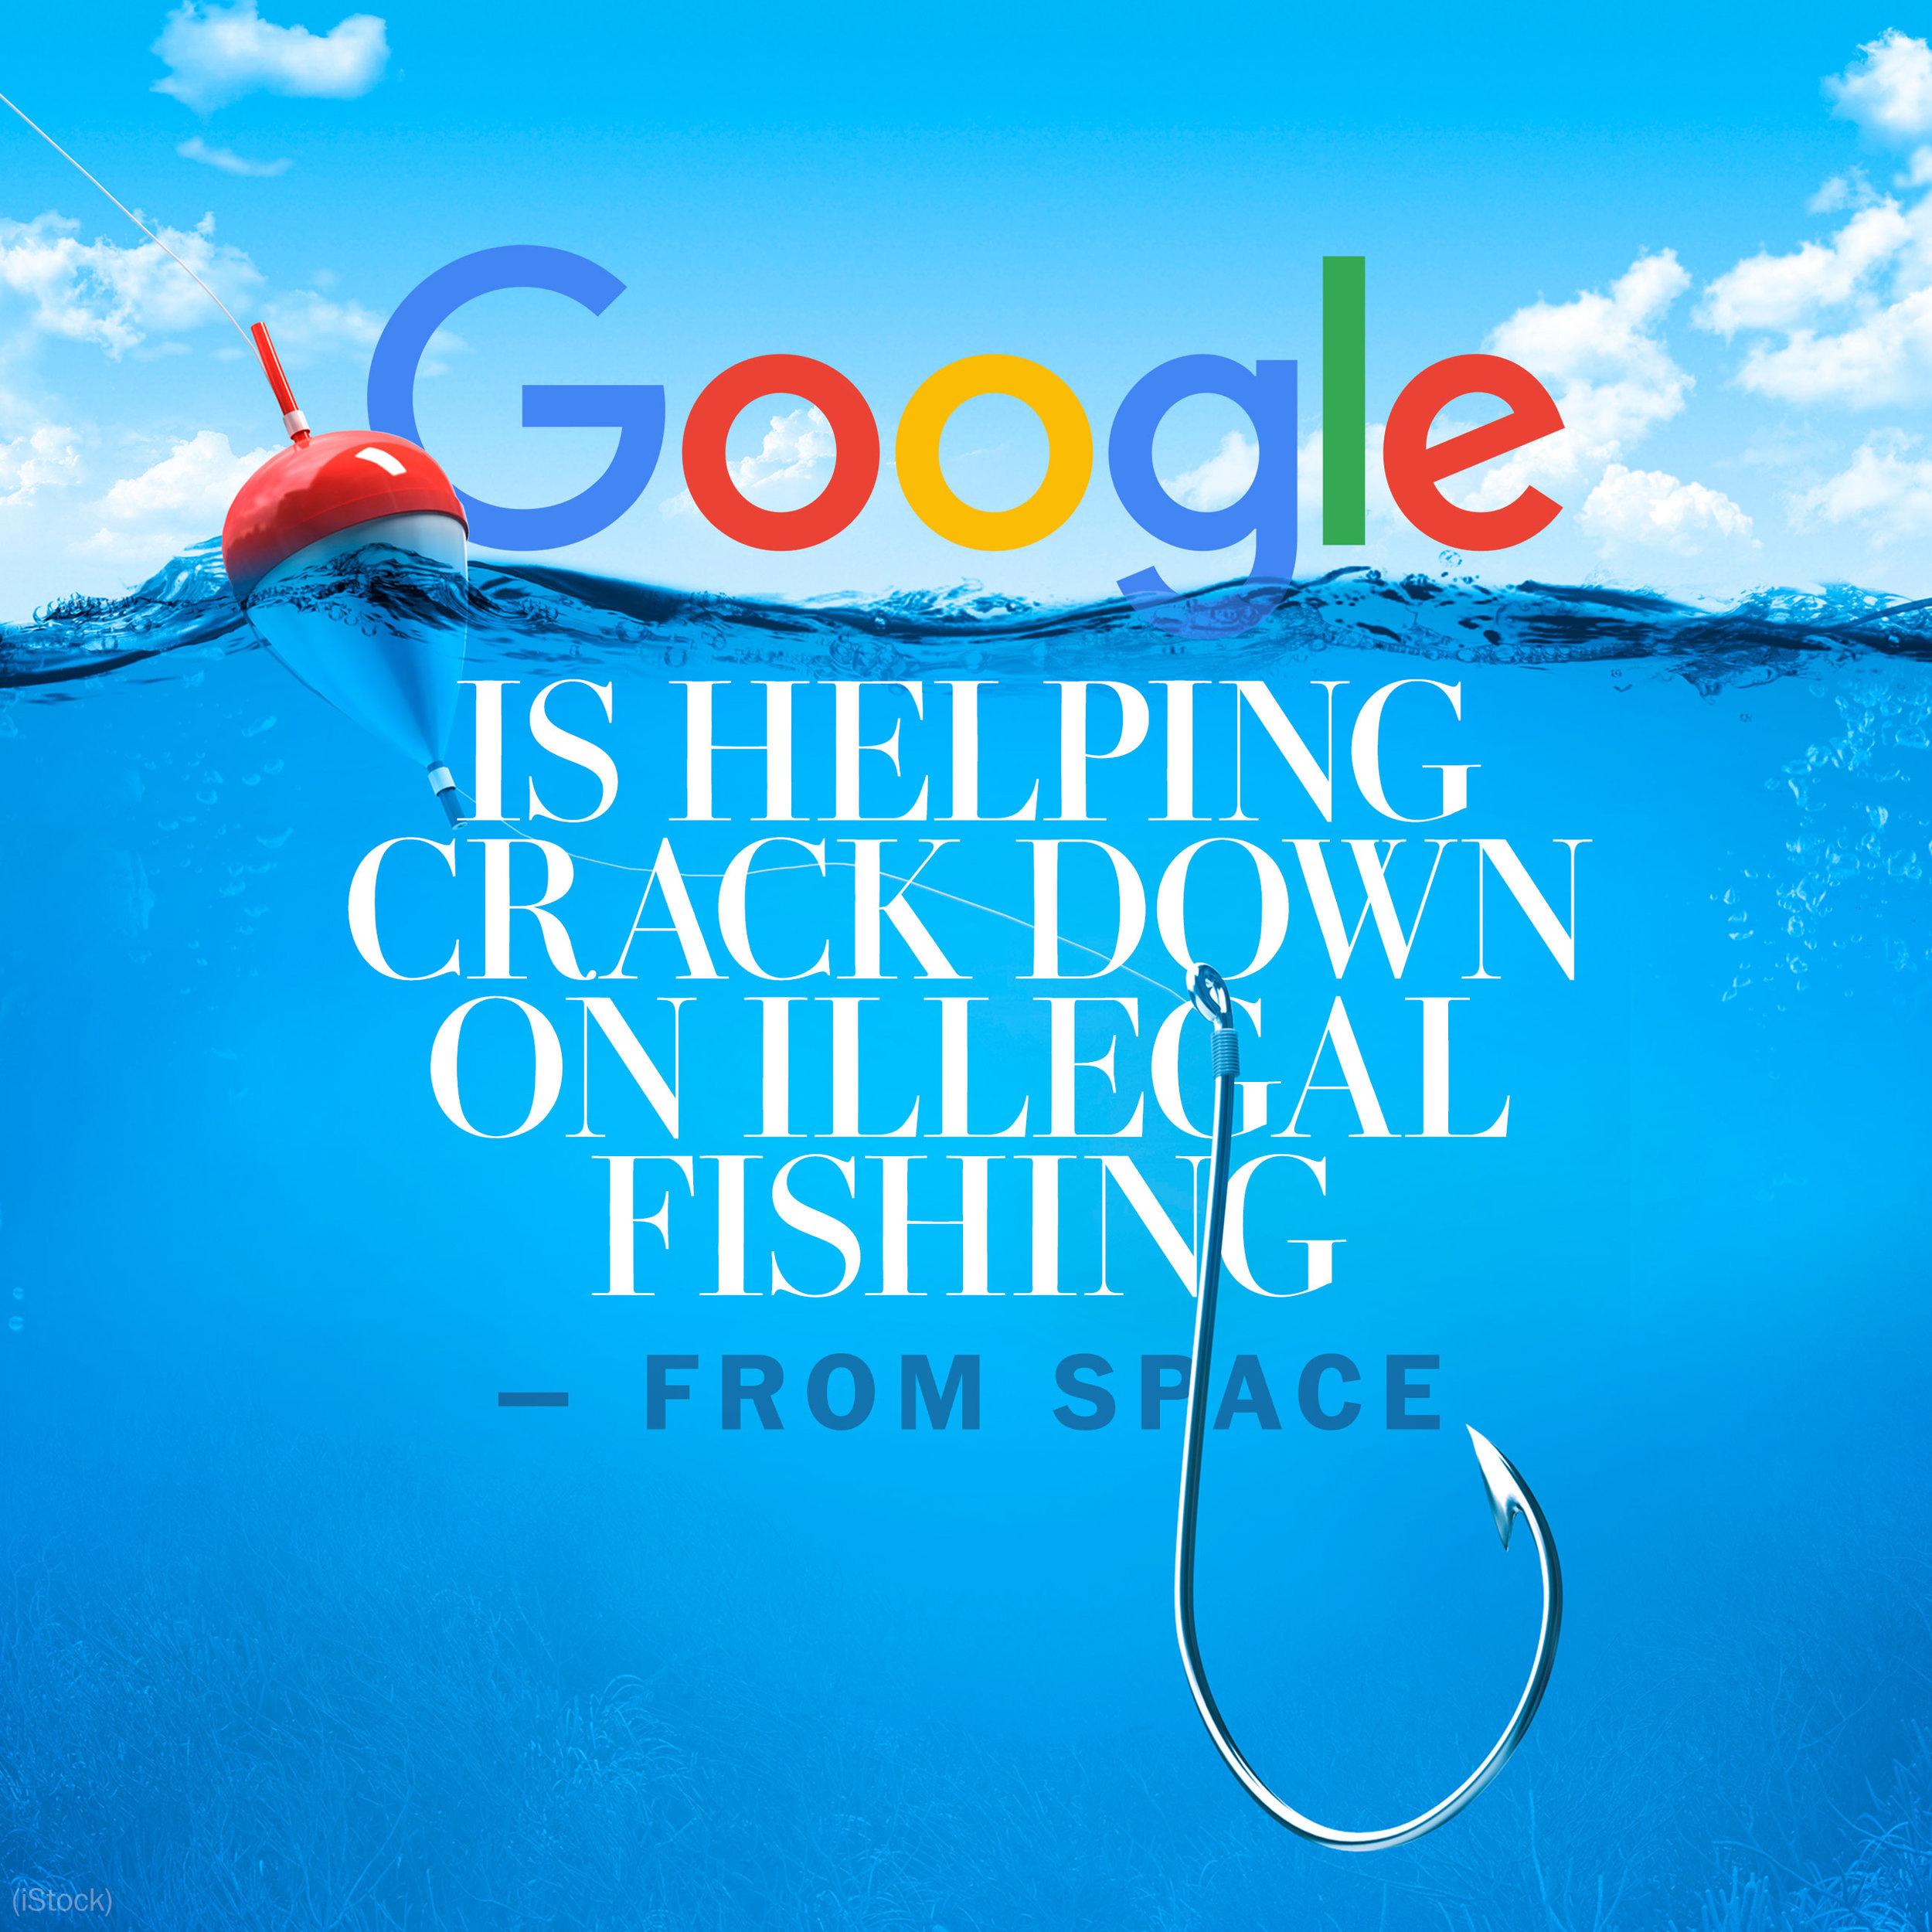 0918_GoogleFishing_B.jpg